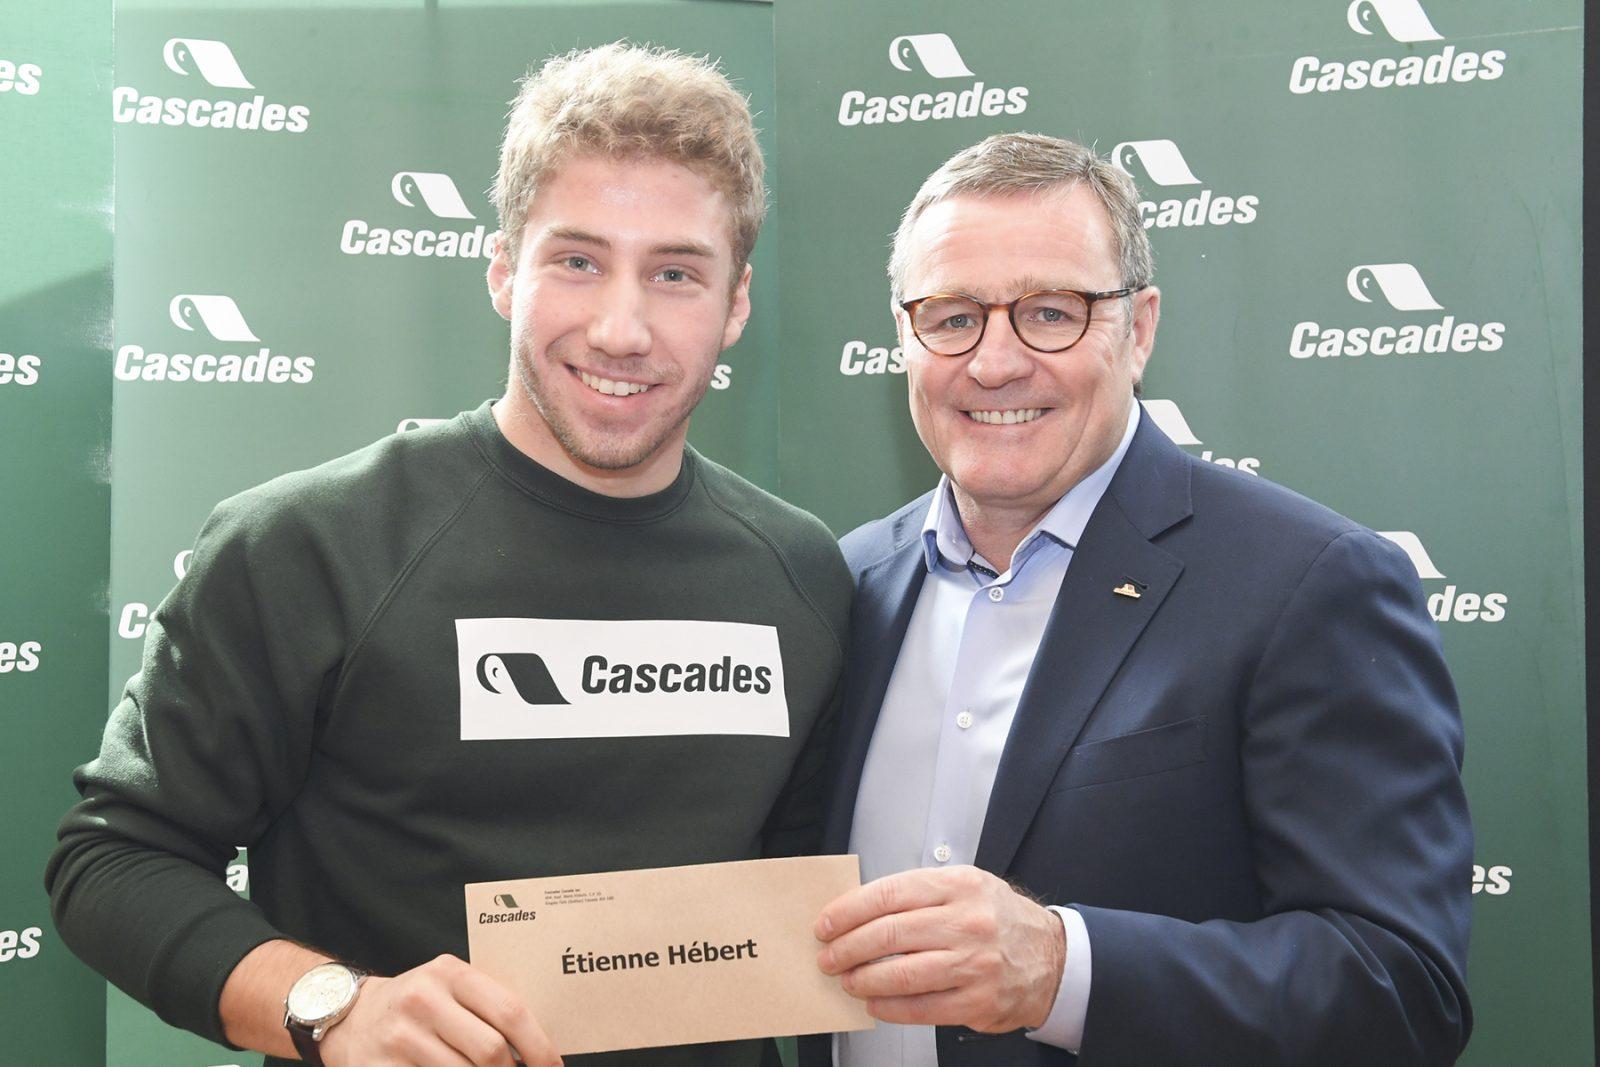 Le Varennois Étienne Hébert rêve de participer aux Jeux olympiques en ski de fond